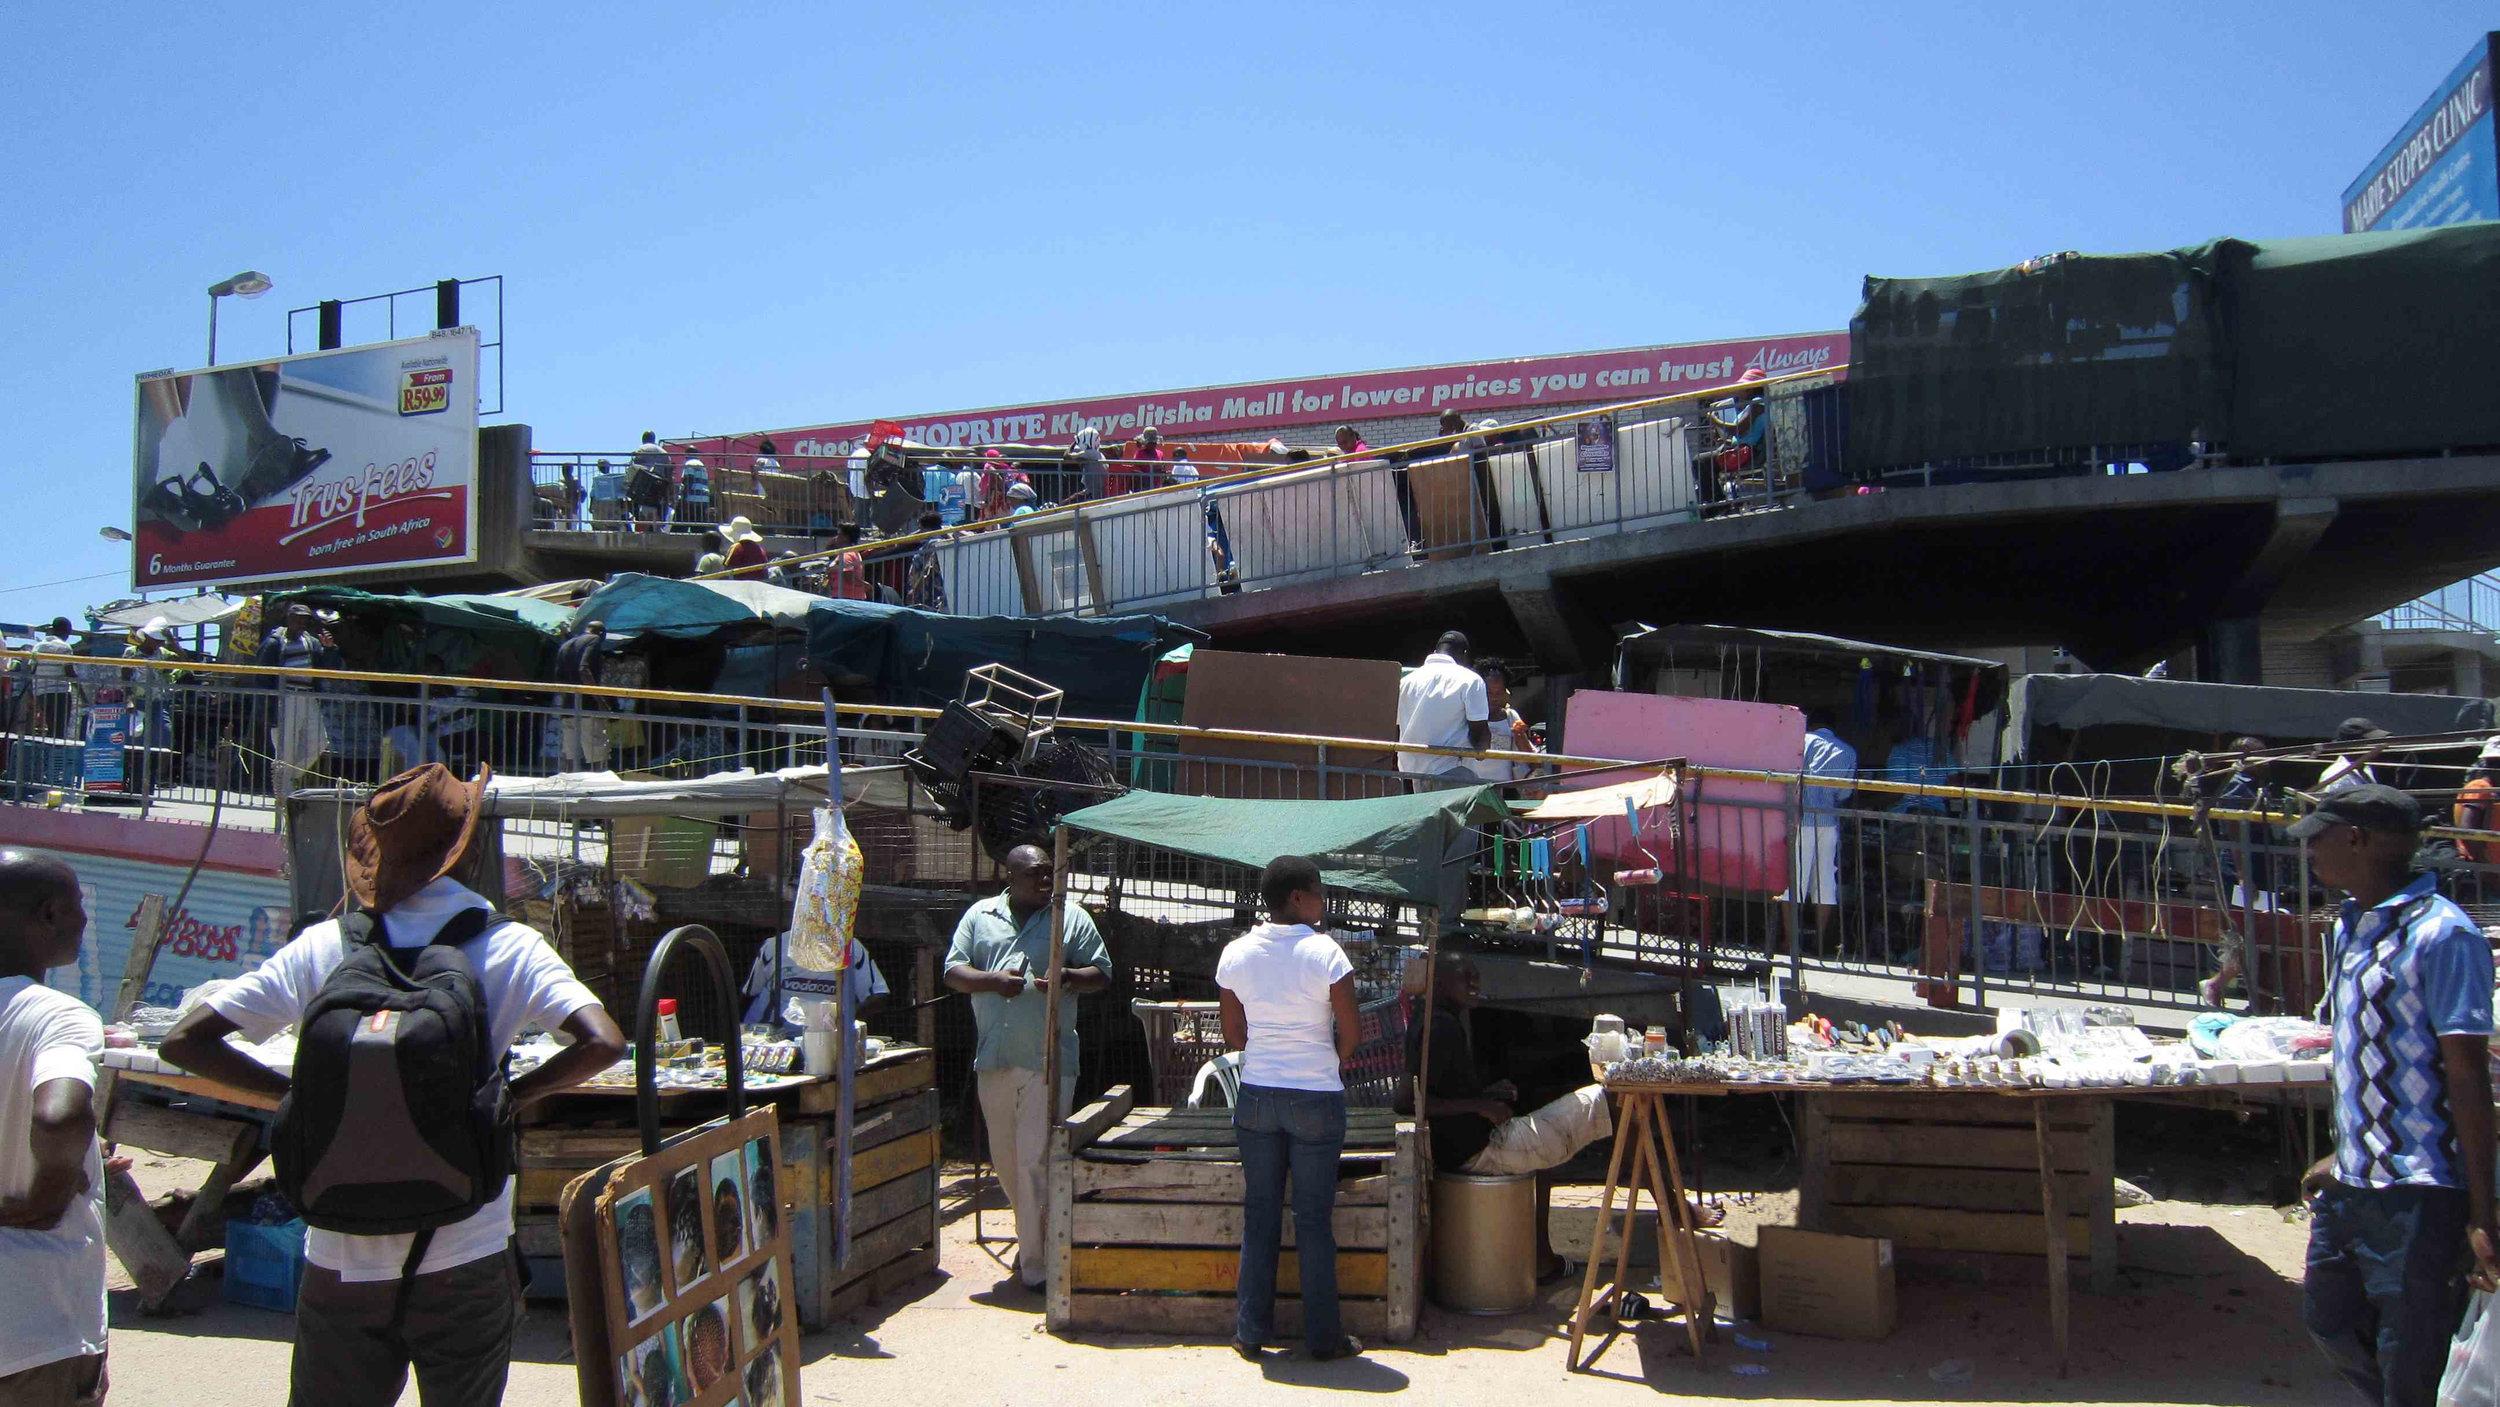 Khayelitsha, Cape Town. Stalls beside Khayelitsha Metrorail station. Photo by Stokperdjie